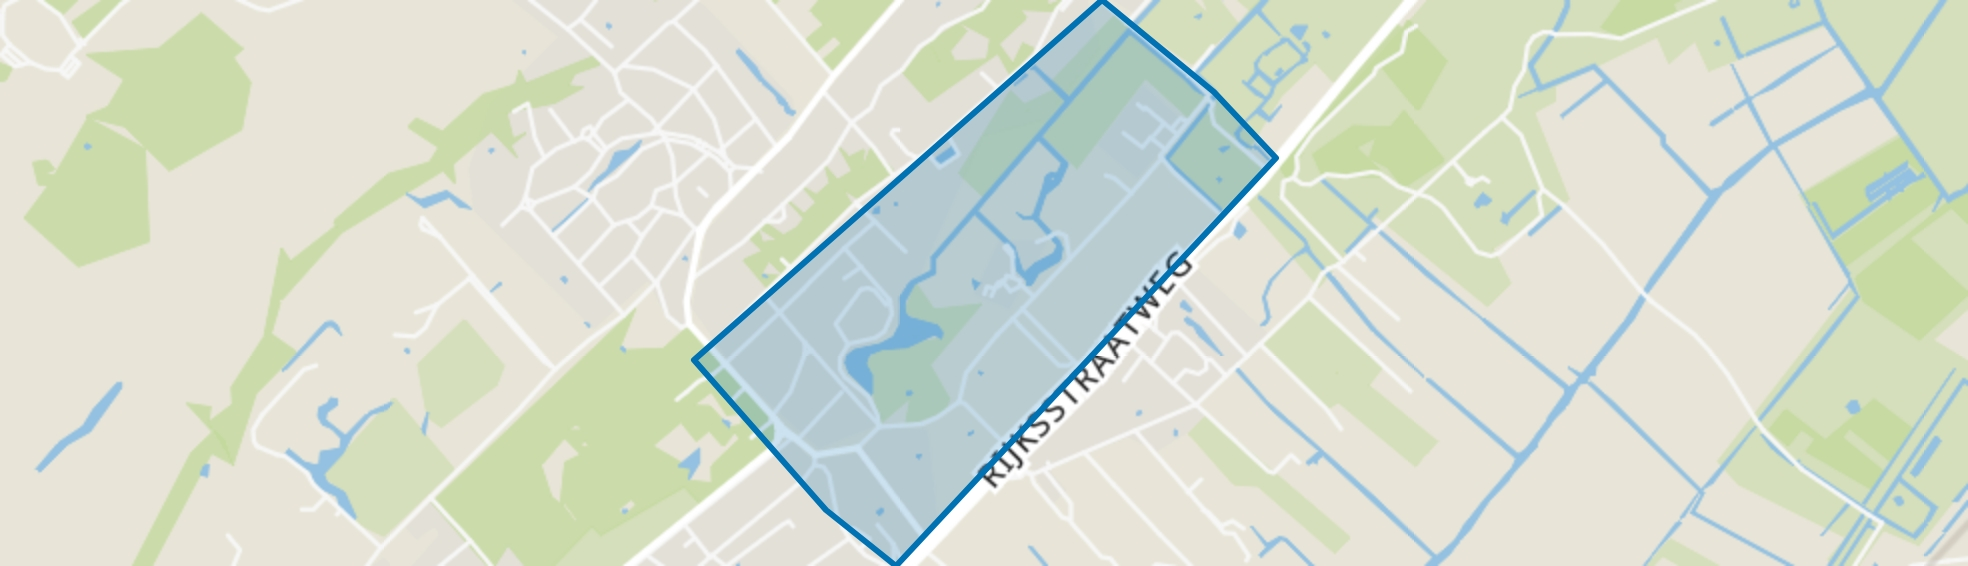 Oud-Wassenaar, Wassenaar map